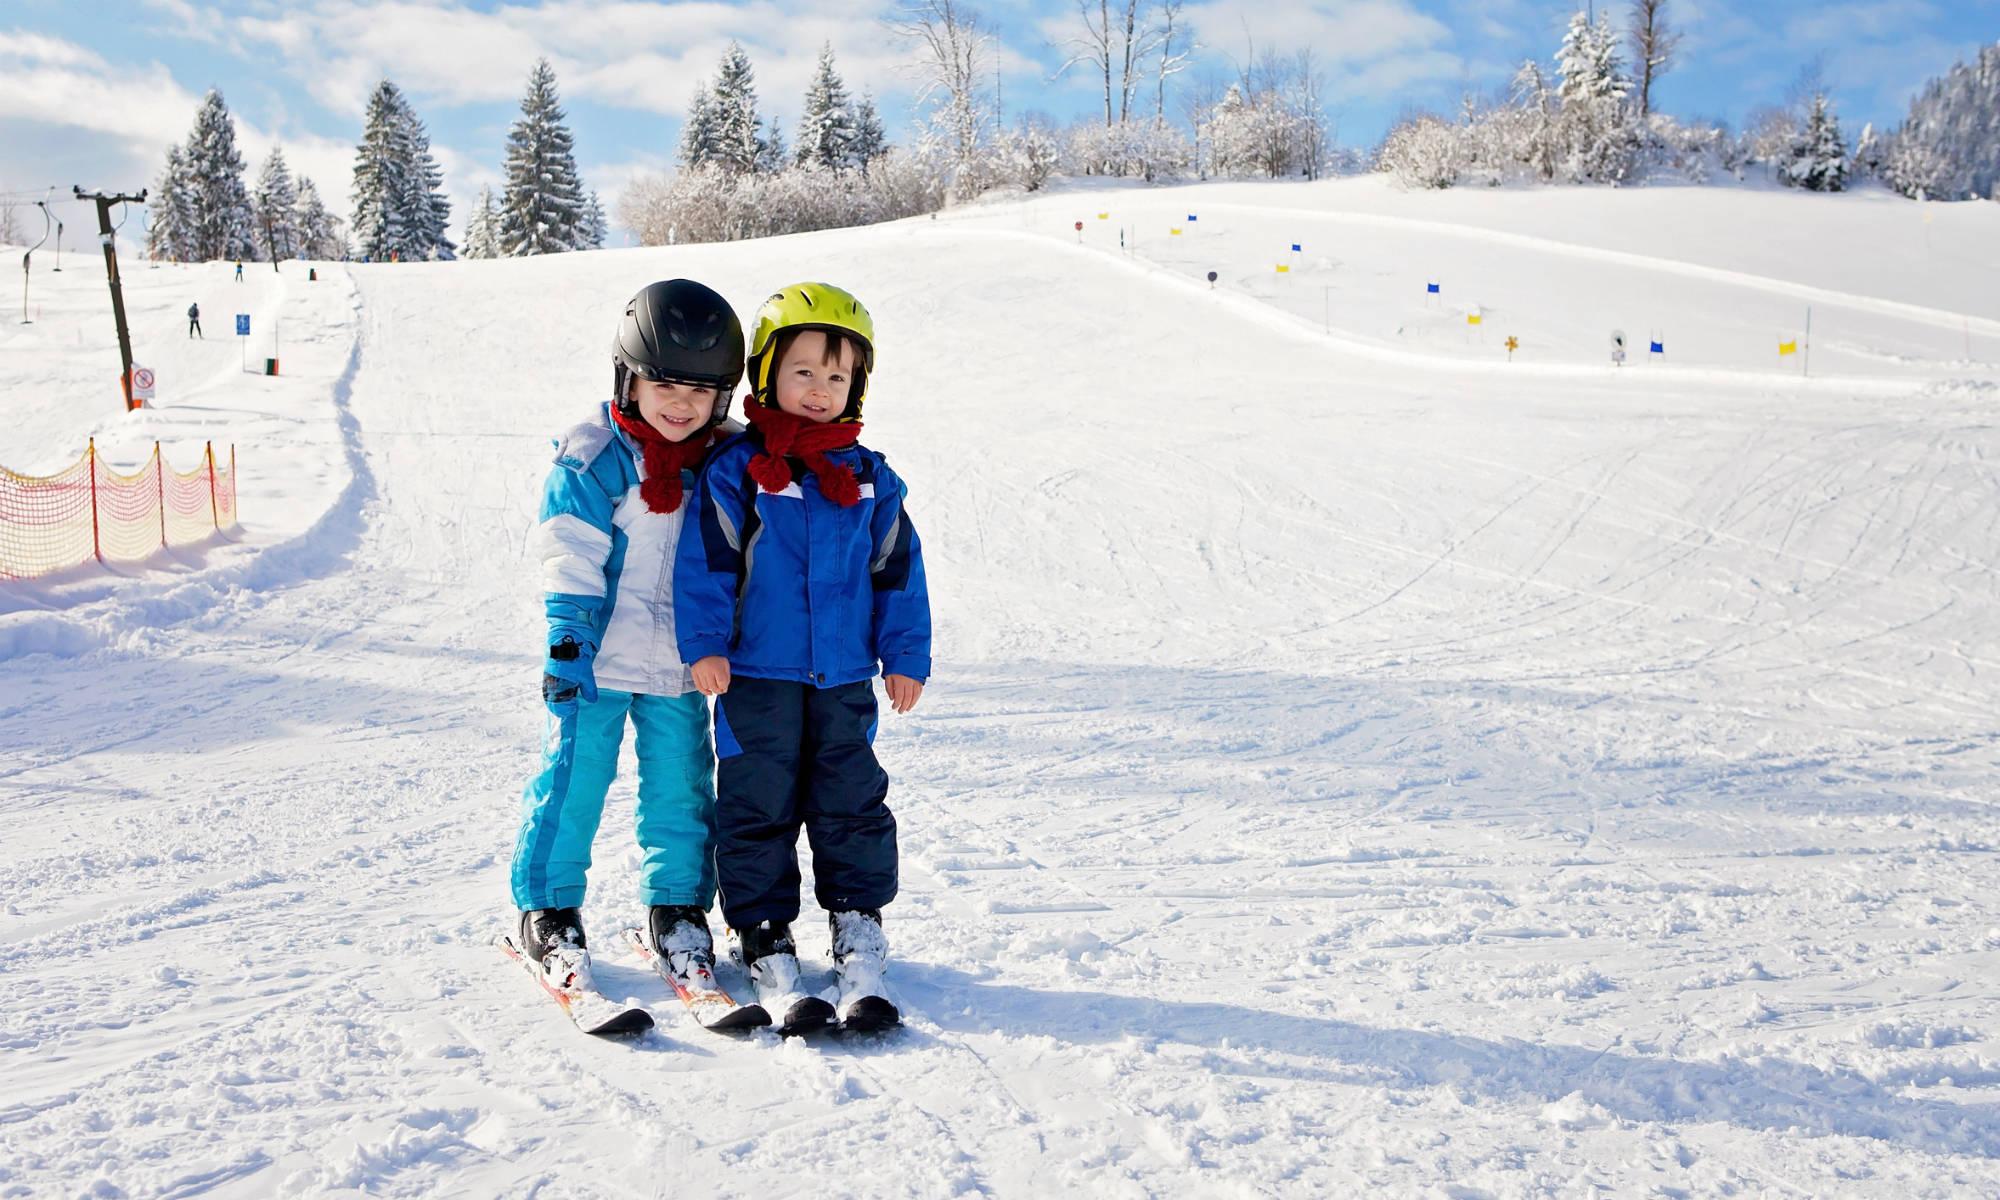 Two children carefully sliding down an easy slope.